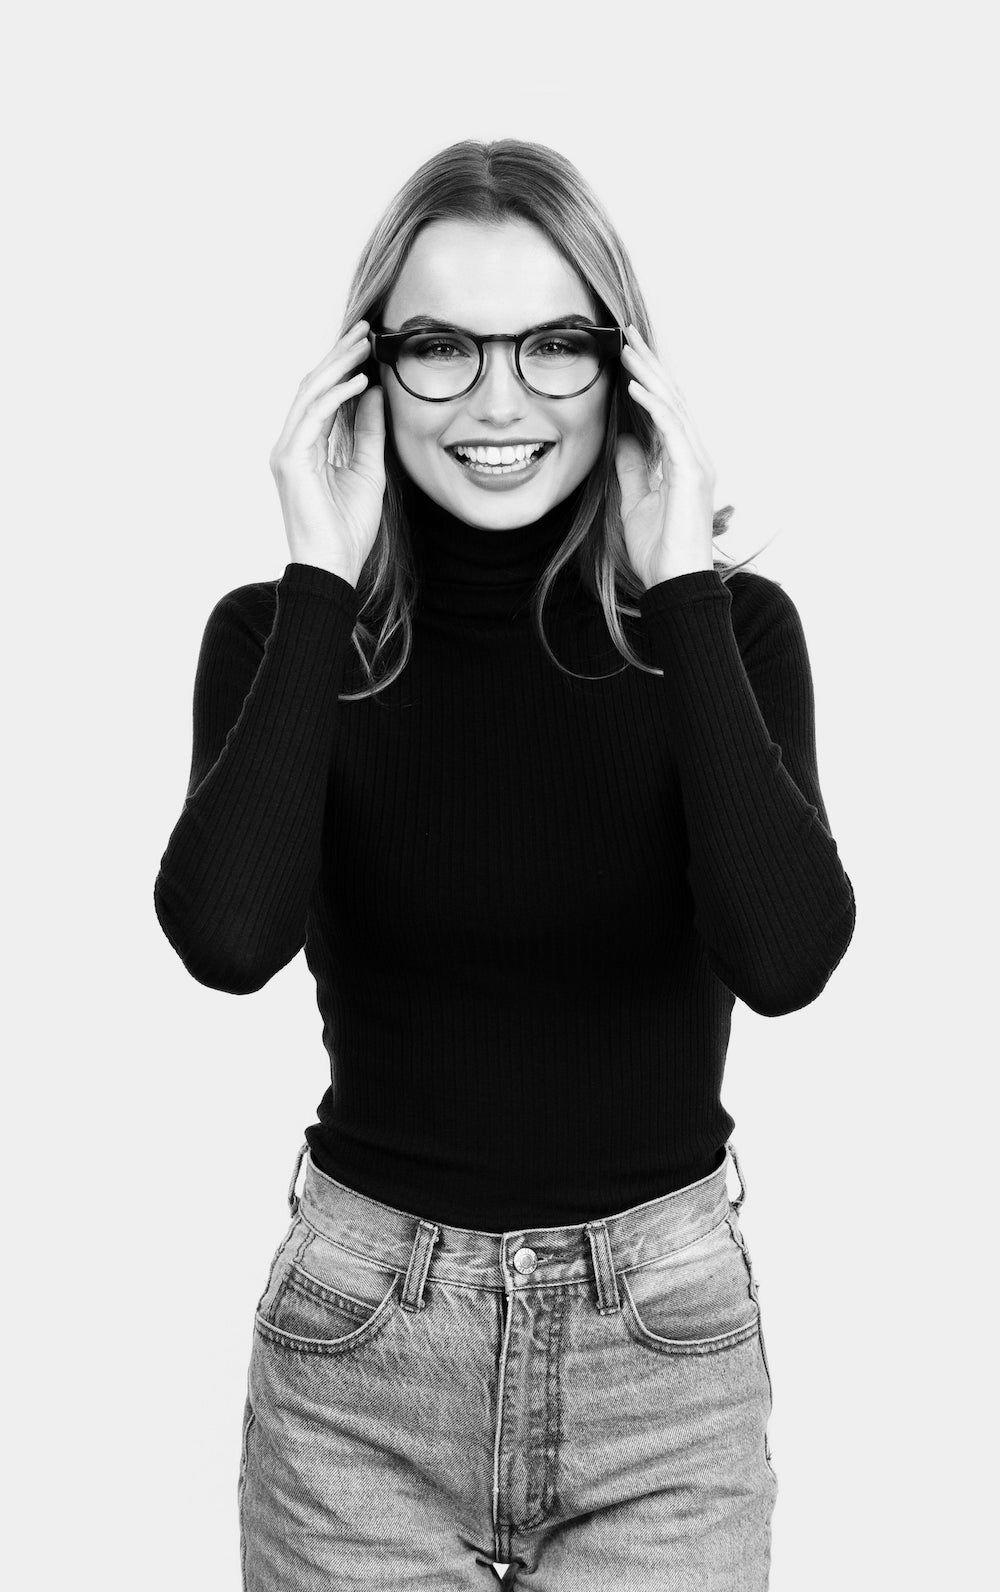 Thalmic ,los creadores de MYO, patentan sus propias gafas inteligentes